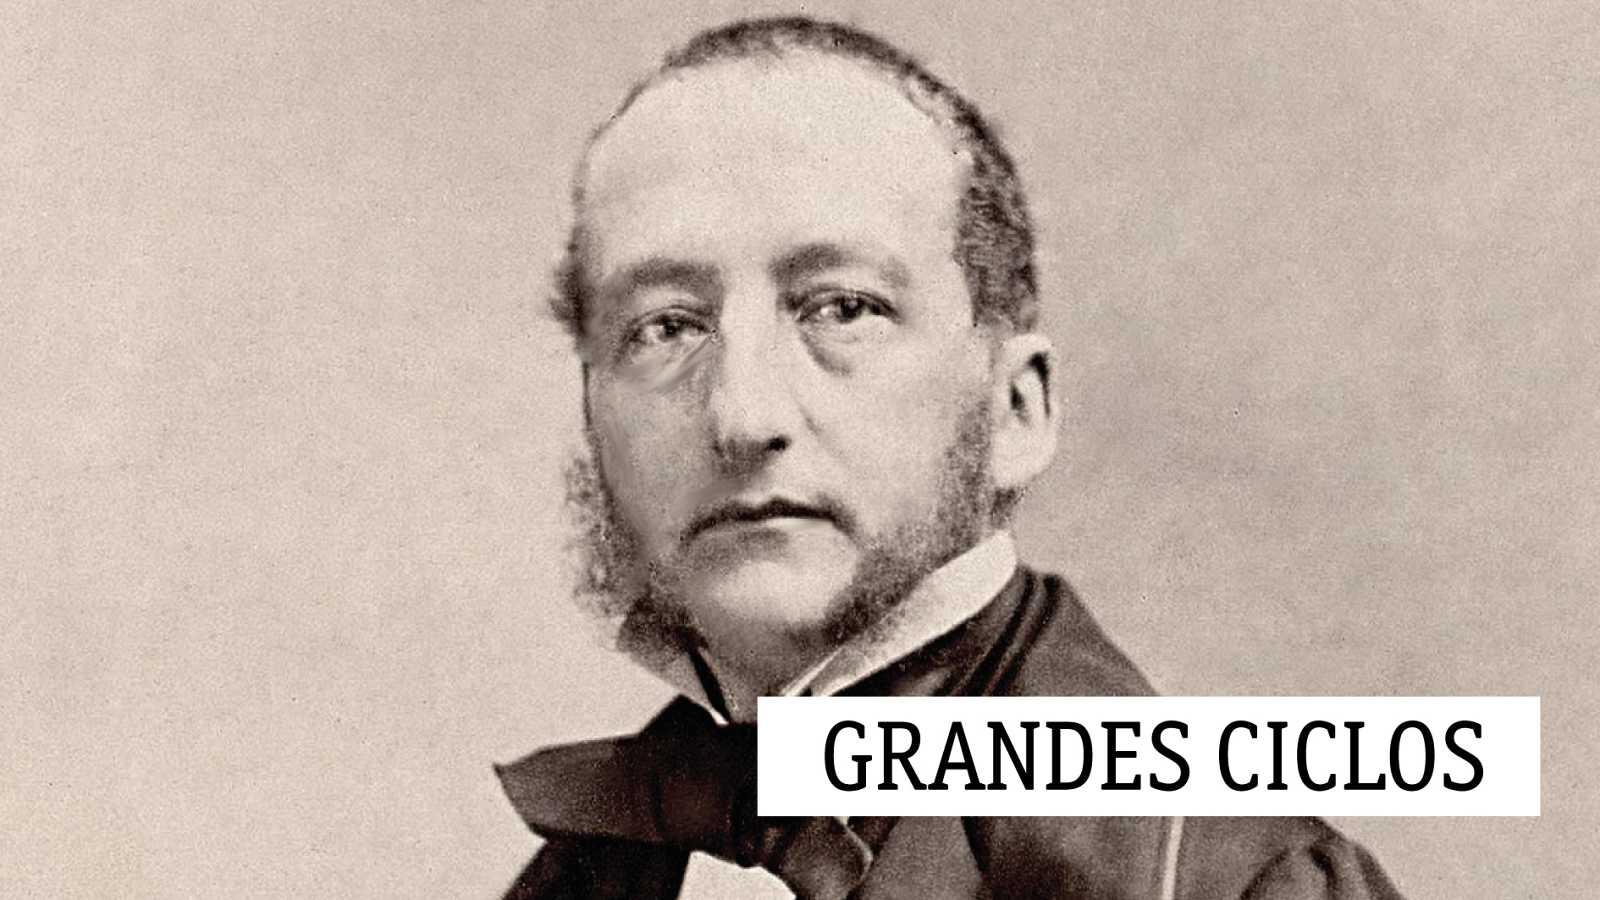 """Grandes ciclos - S. Thalberg (IV): """"El primer pianista en el mundo"""" - 10/06/21 - escuchar ahora"""